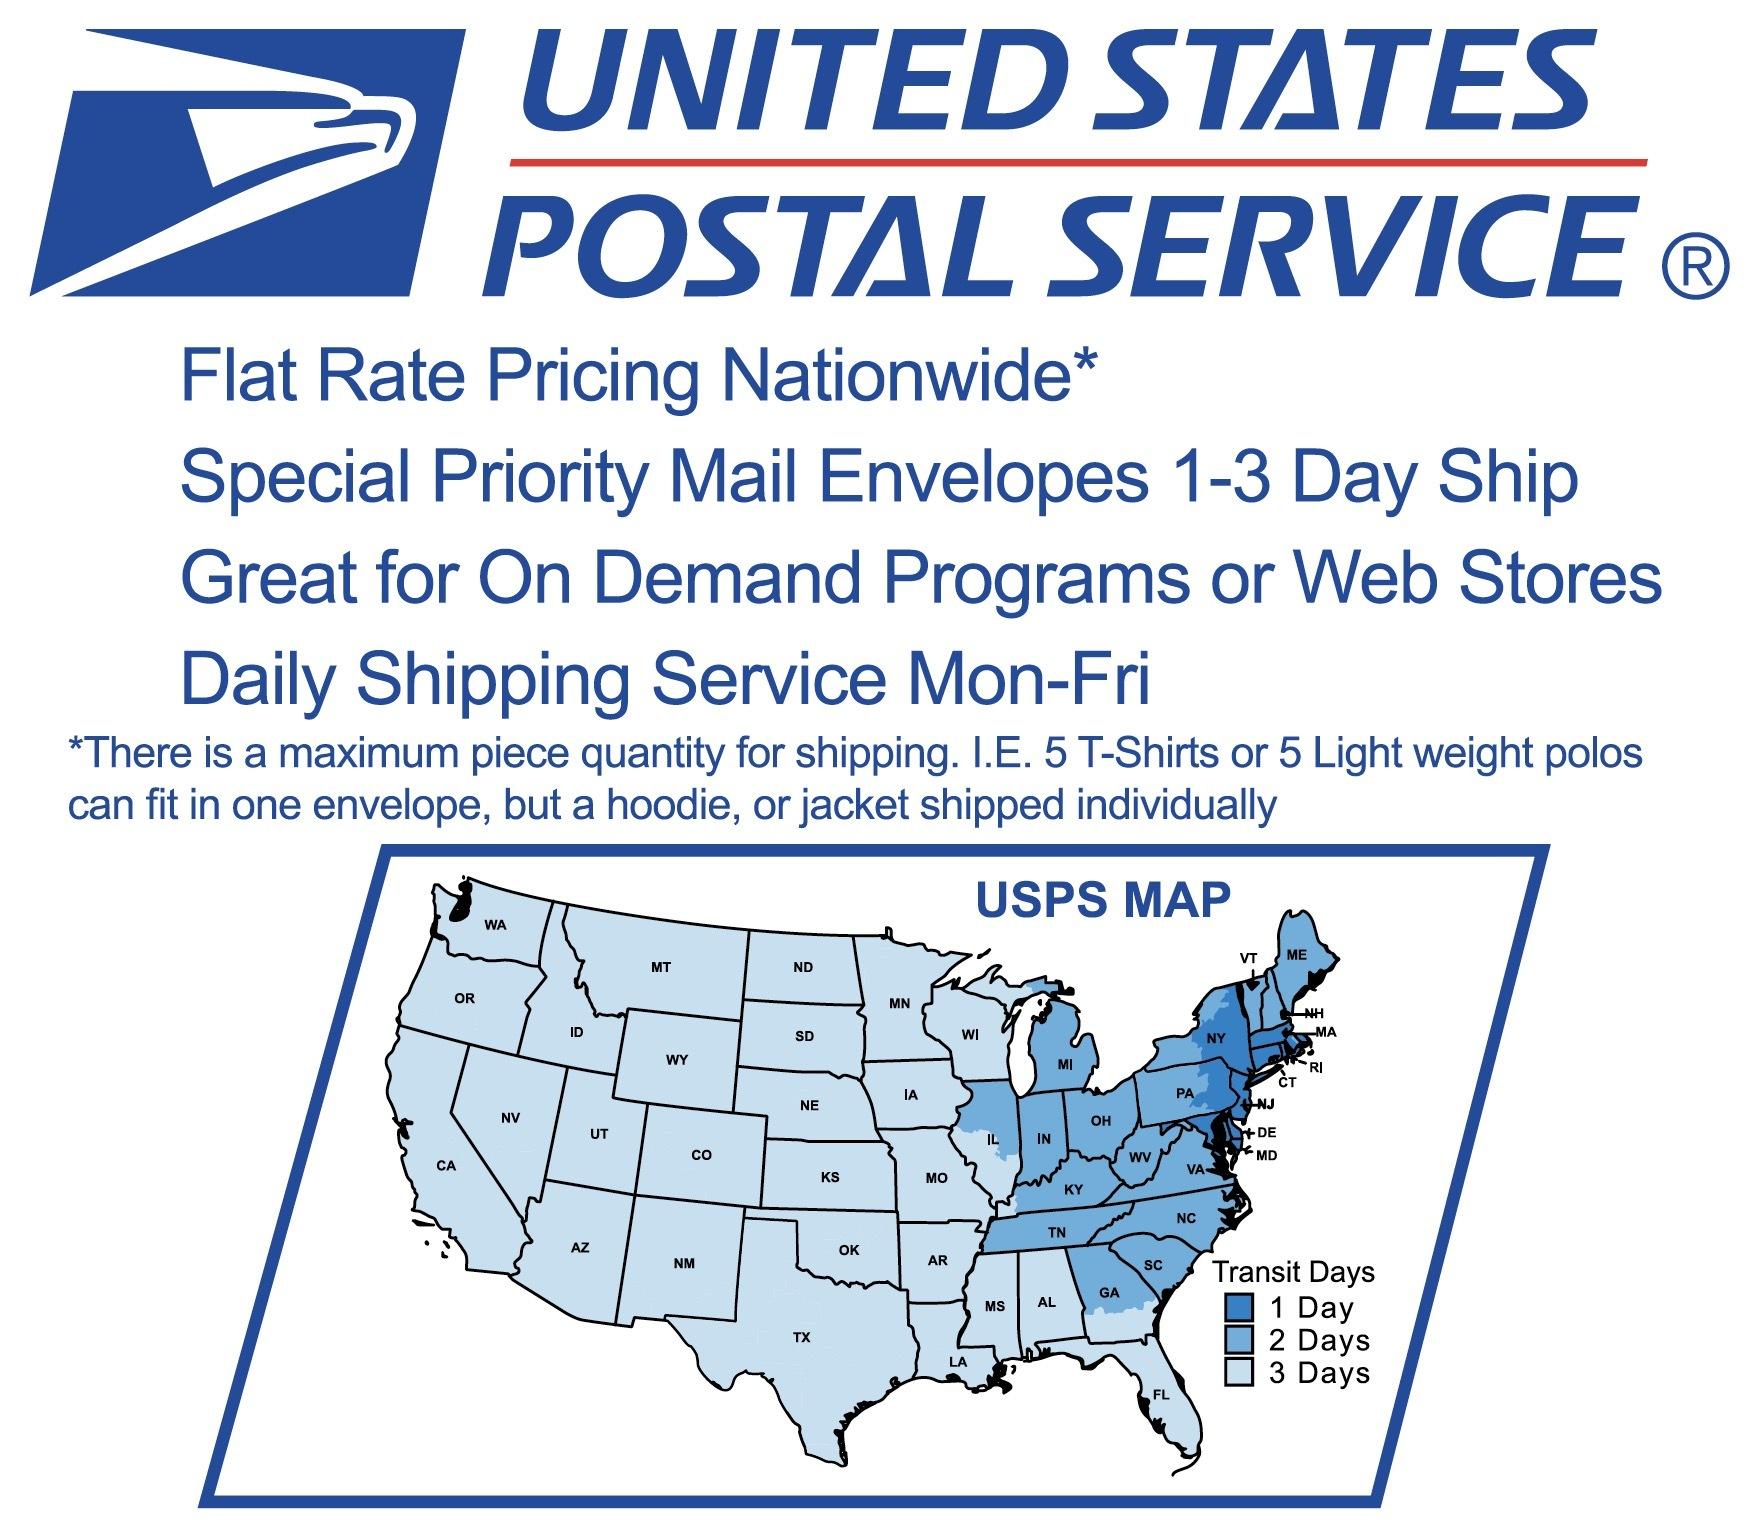 USPS Shipping Image